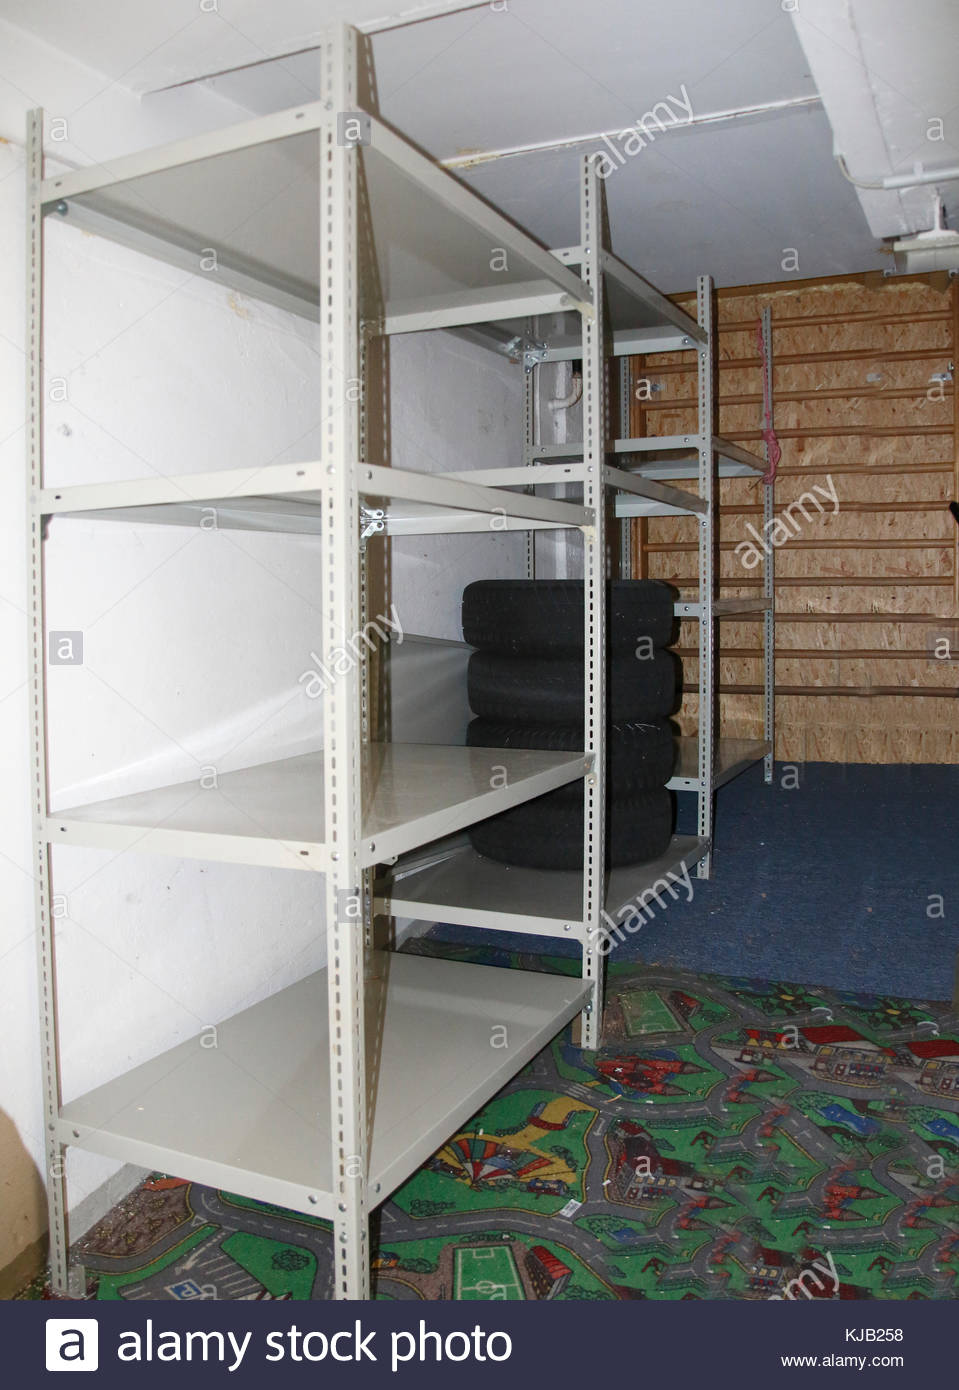 Full Size of Regalsystem Keller Metall Ikea Regale Regalsysteme Regal Schwerlast Aus Im Stockfoto Kaufen Bett Weiß Für Wohnzimmer Regalsystem Keller Metall